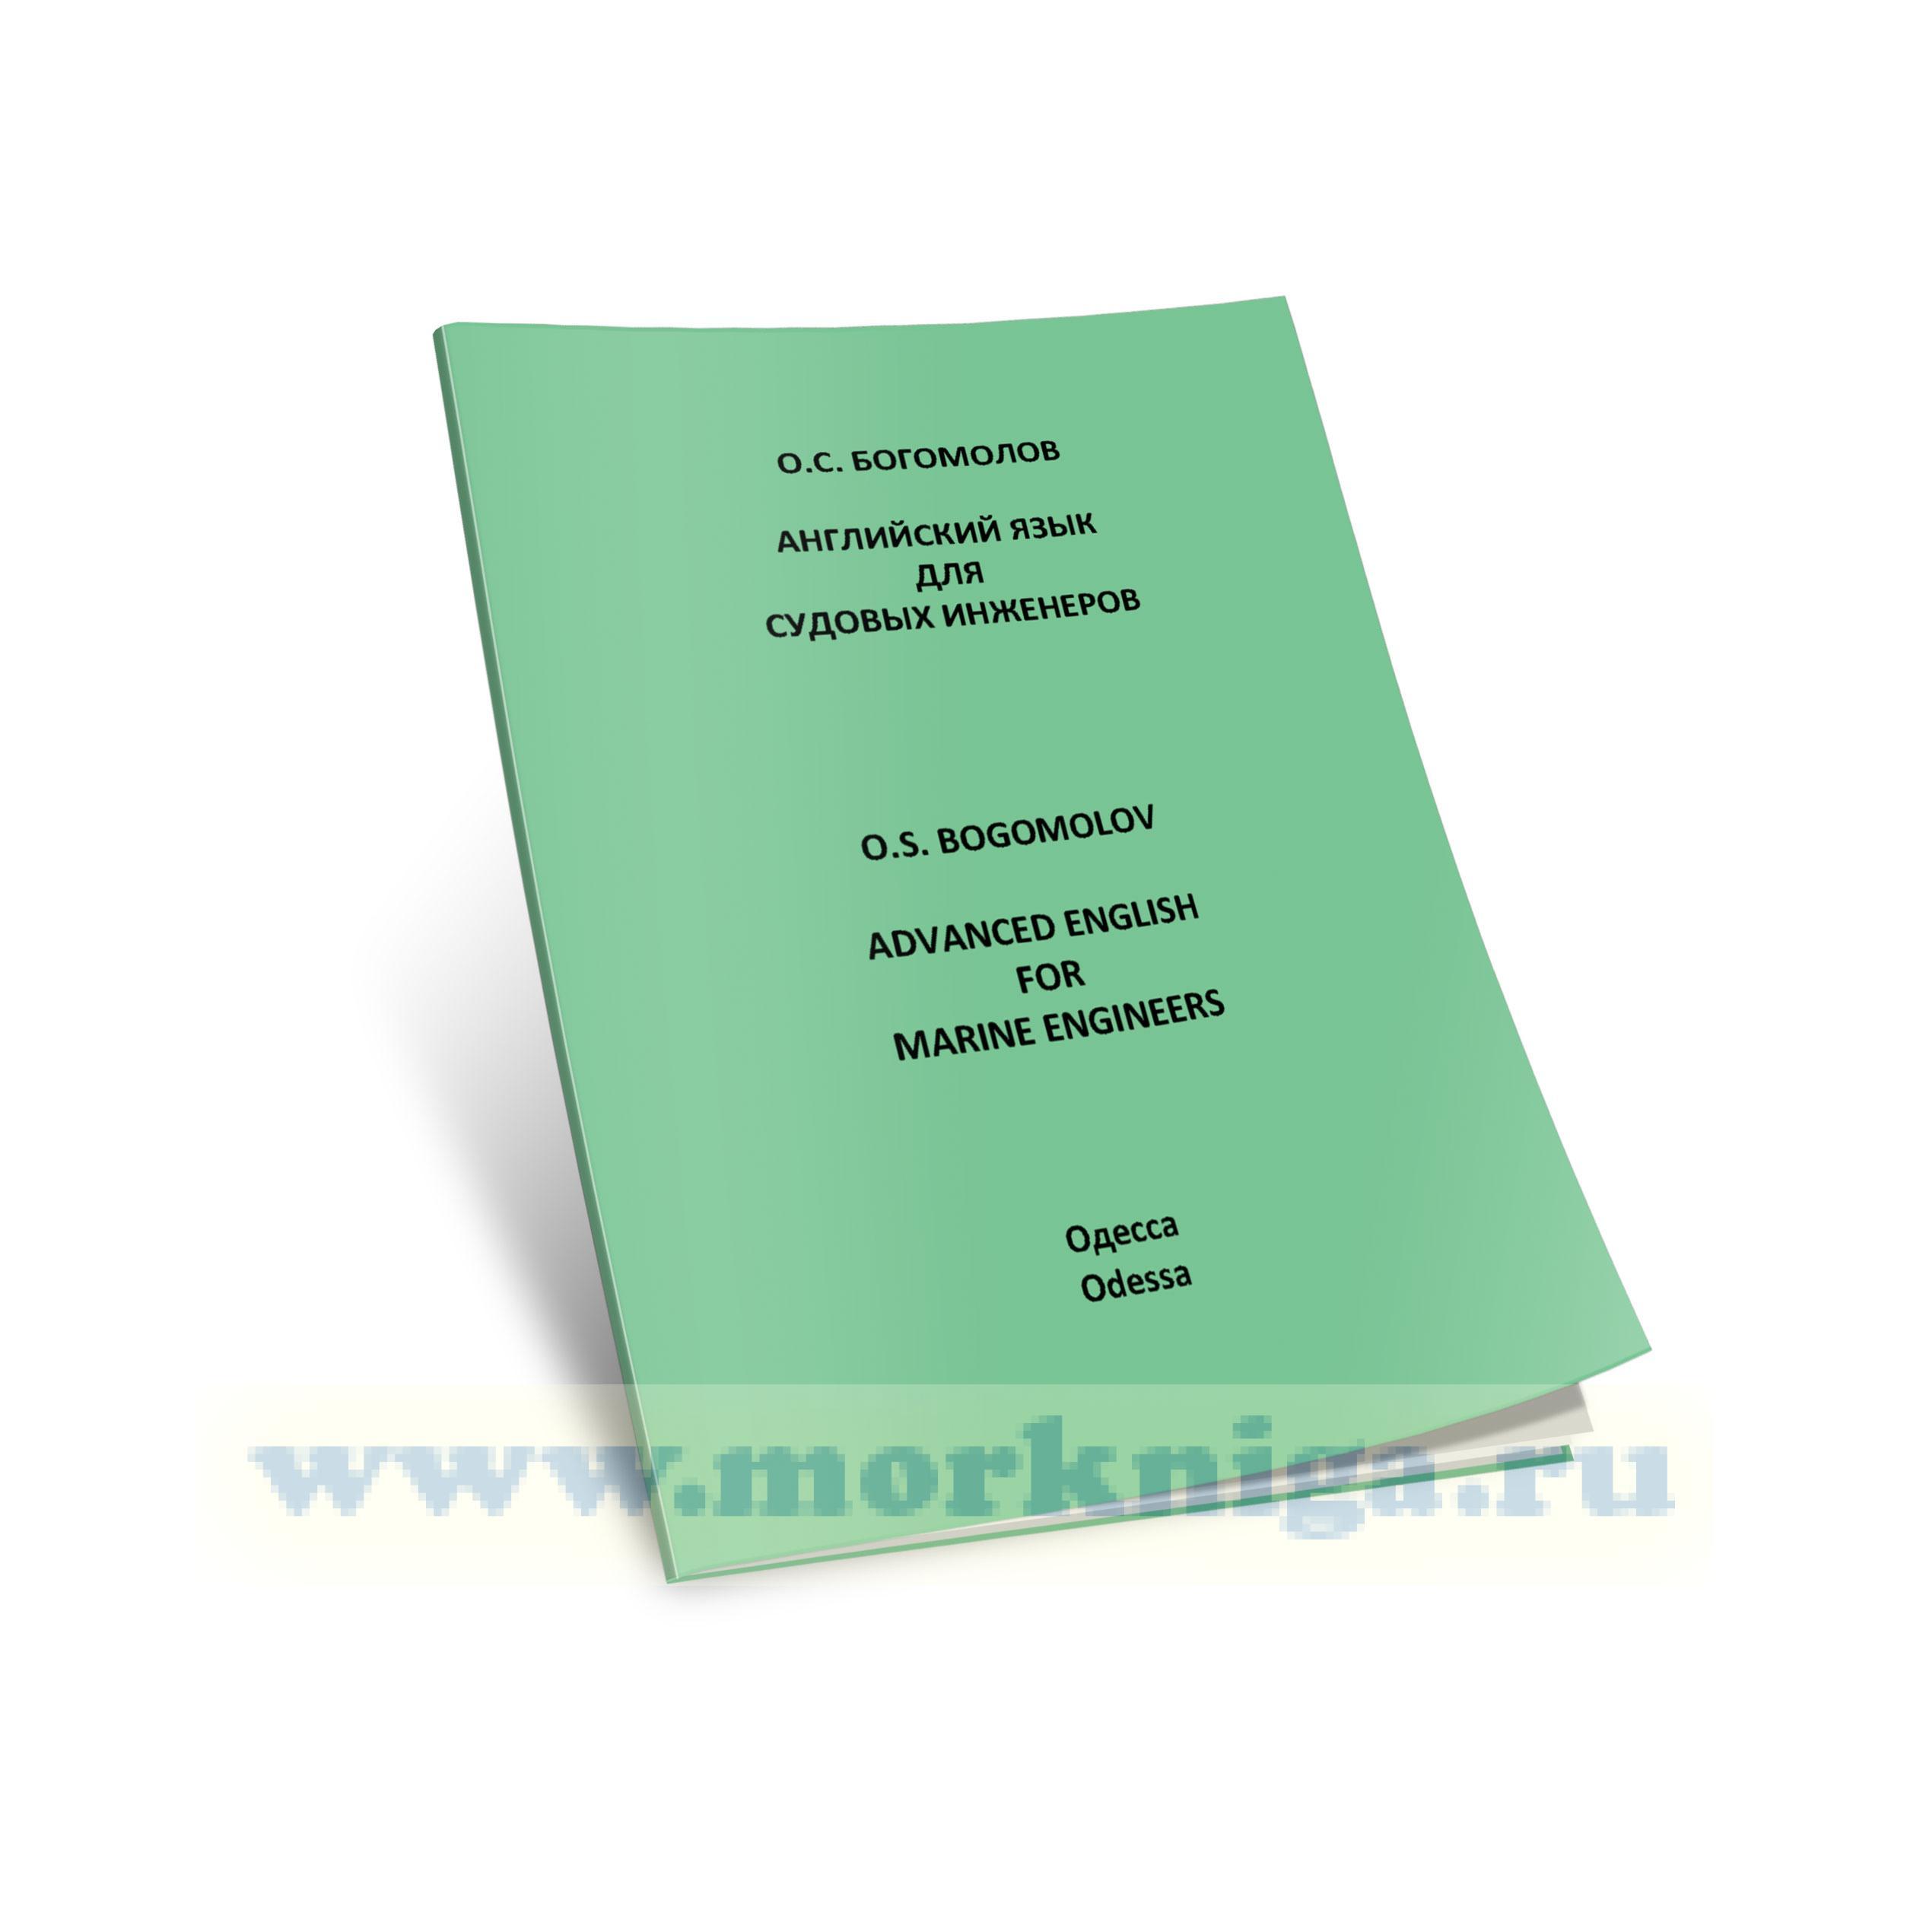 Английский язык для судовых инженеров